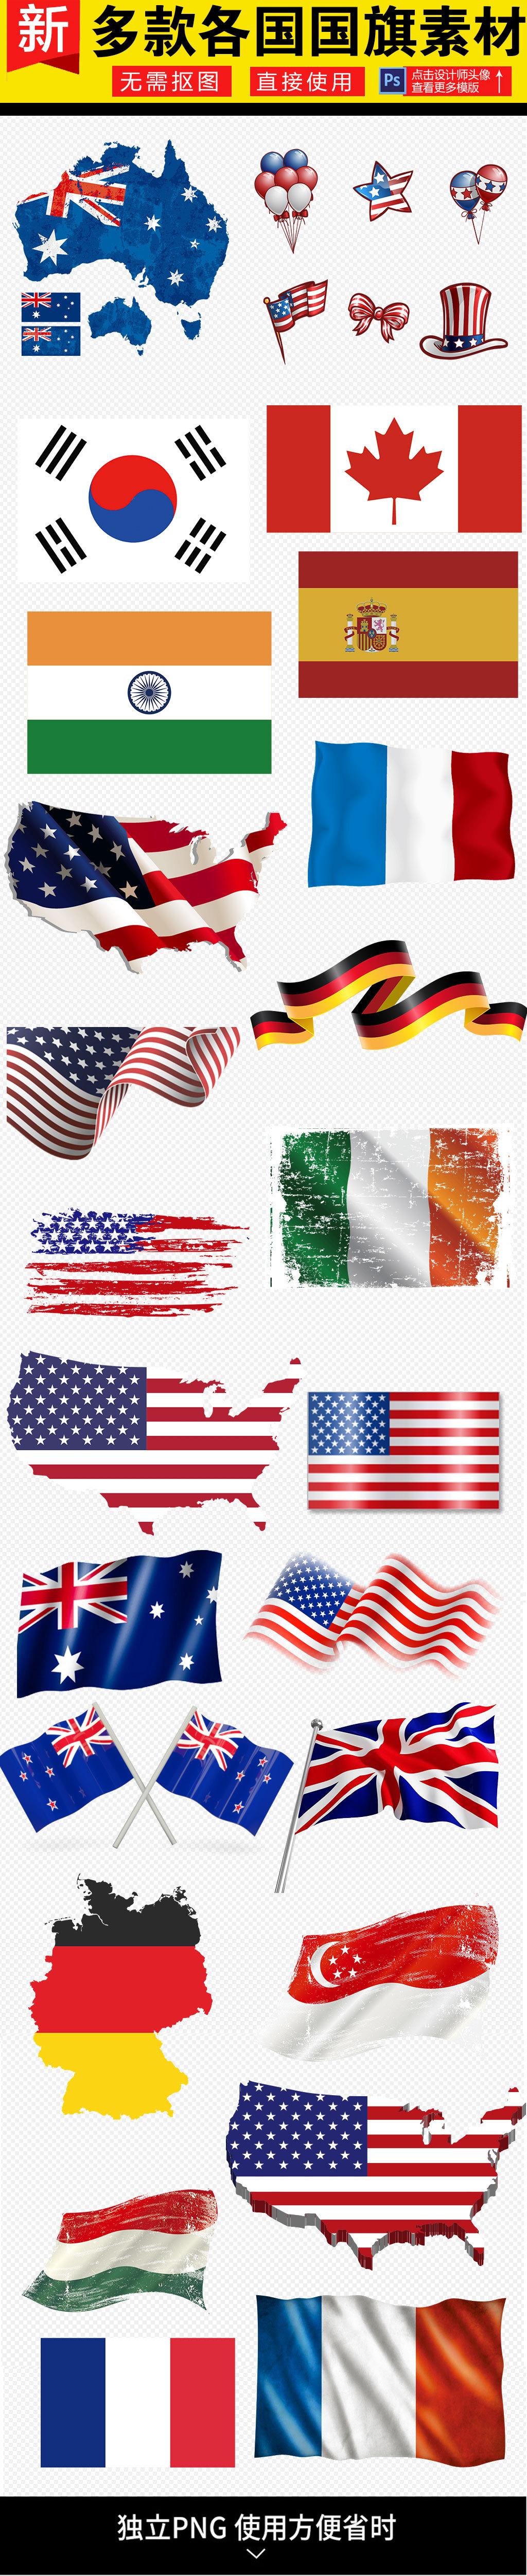 国旗背景-中国美国德国英国法国韩国日本多国国图片设计素材 高清图片